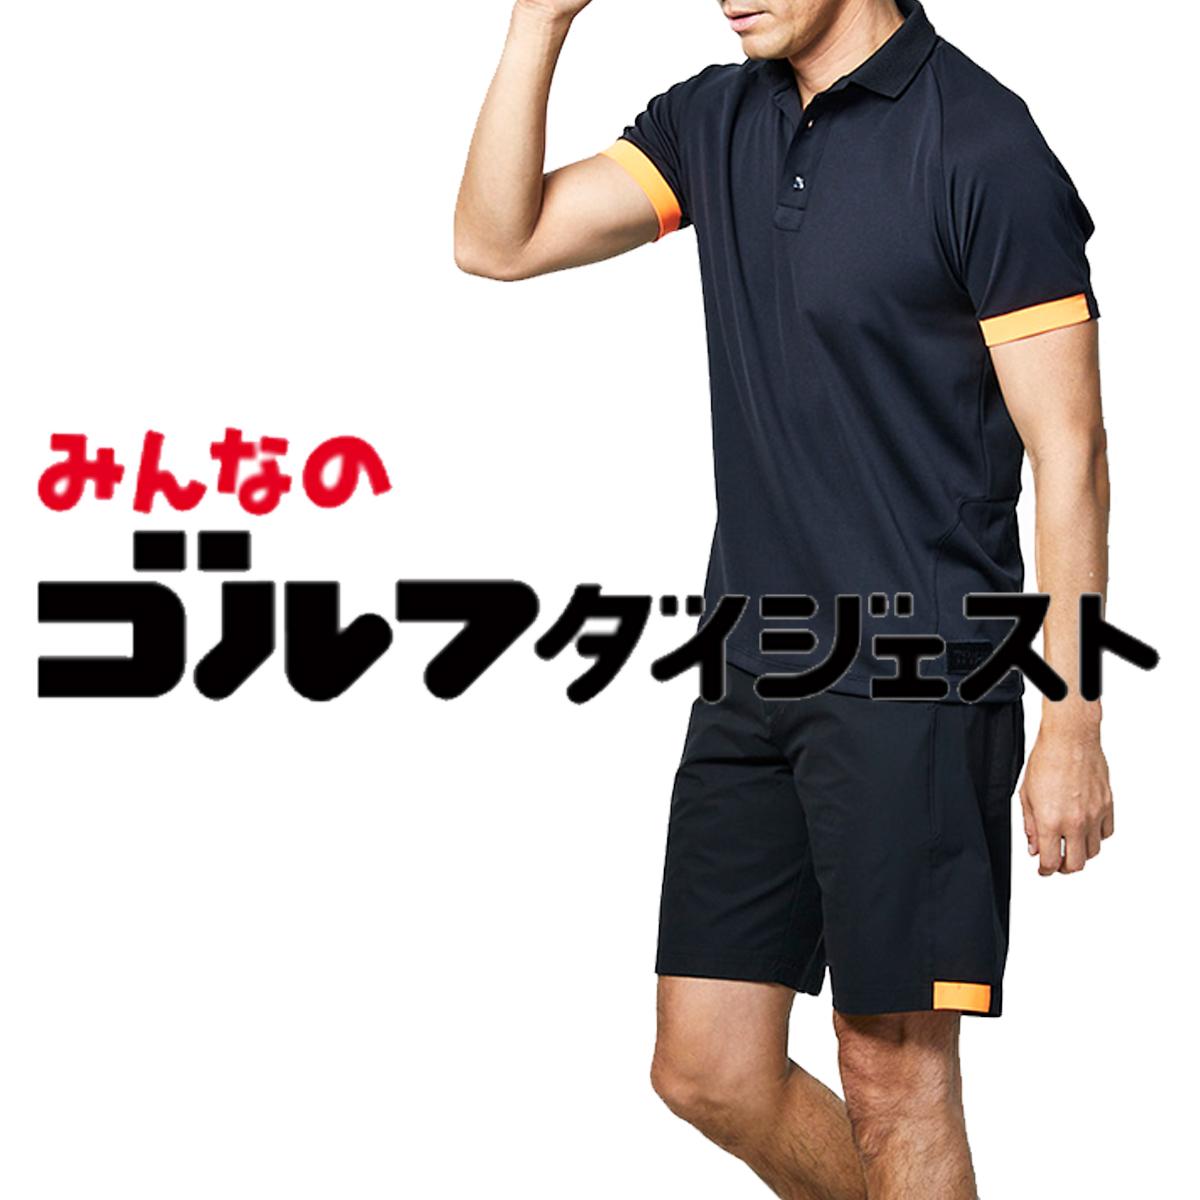 YouTubeチャンネル【みんなのゴルフダイジェスト】にてTFW49着用